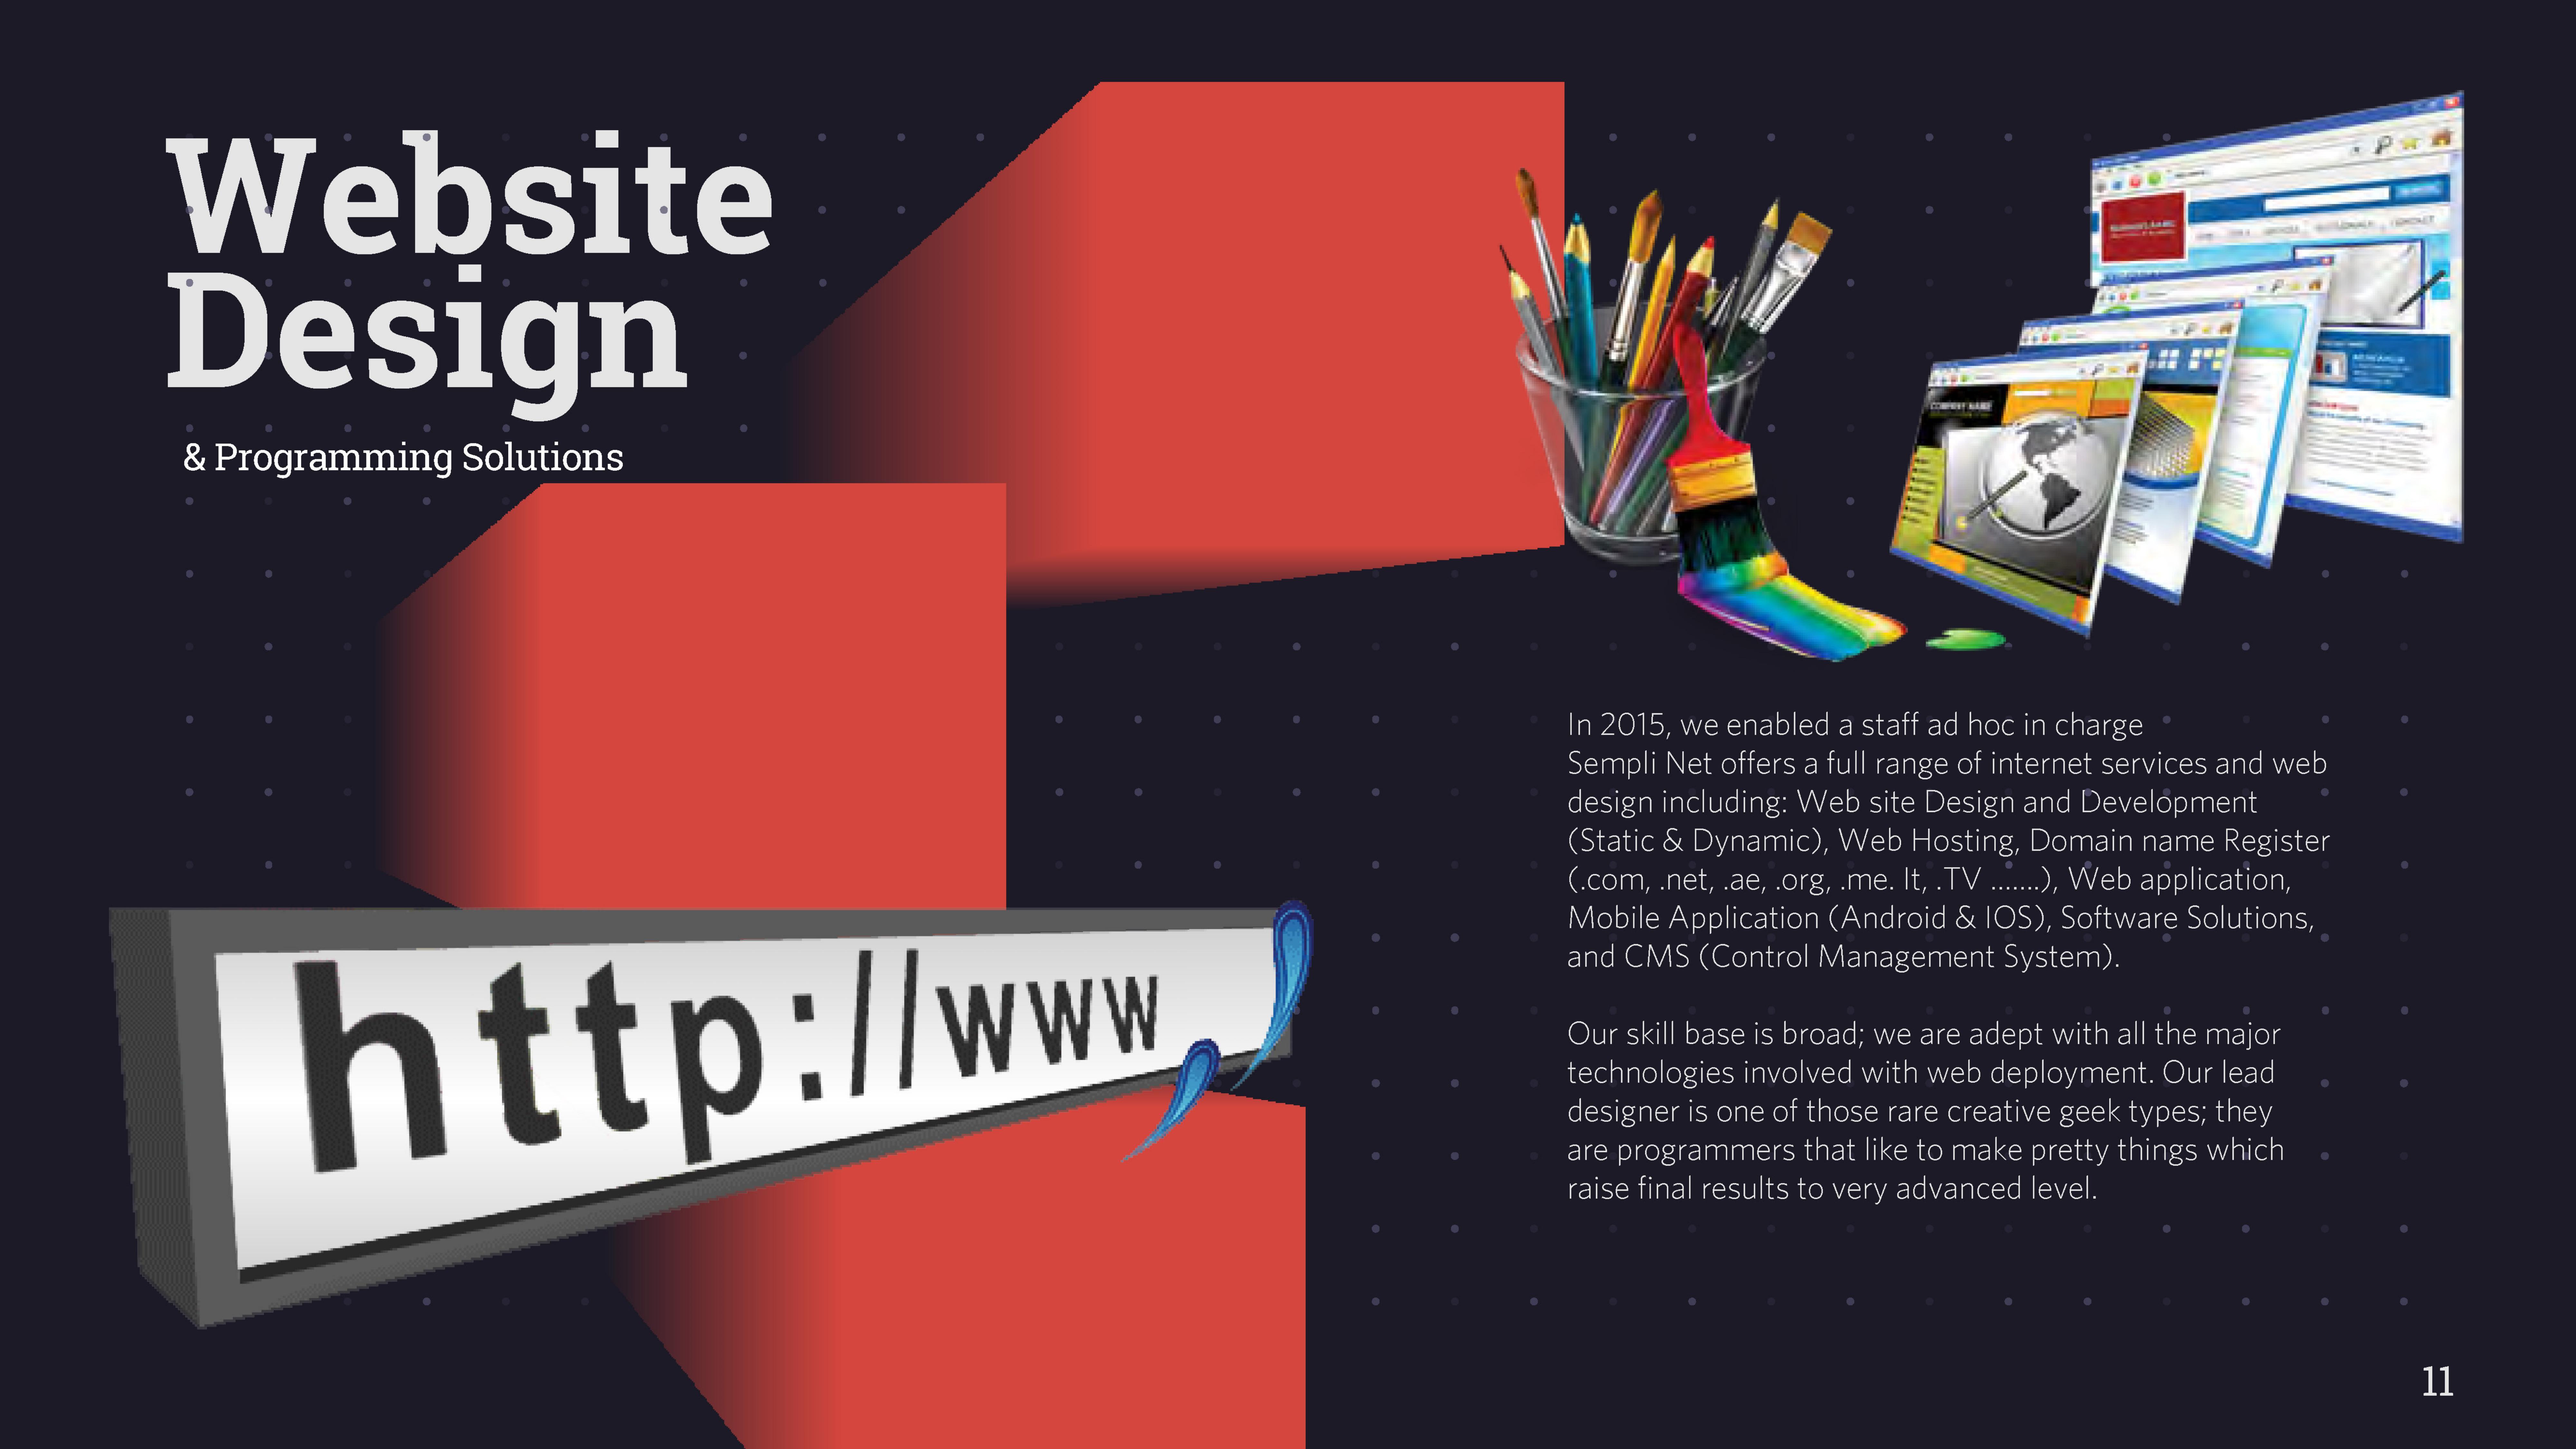 Sempli Net - Web Design - Web Hosting -E-Media - Software -Graphic